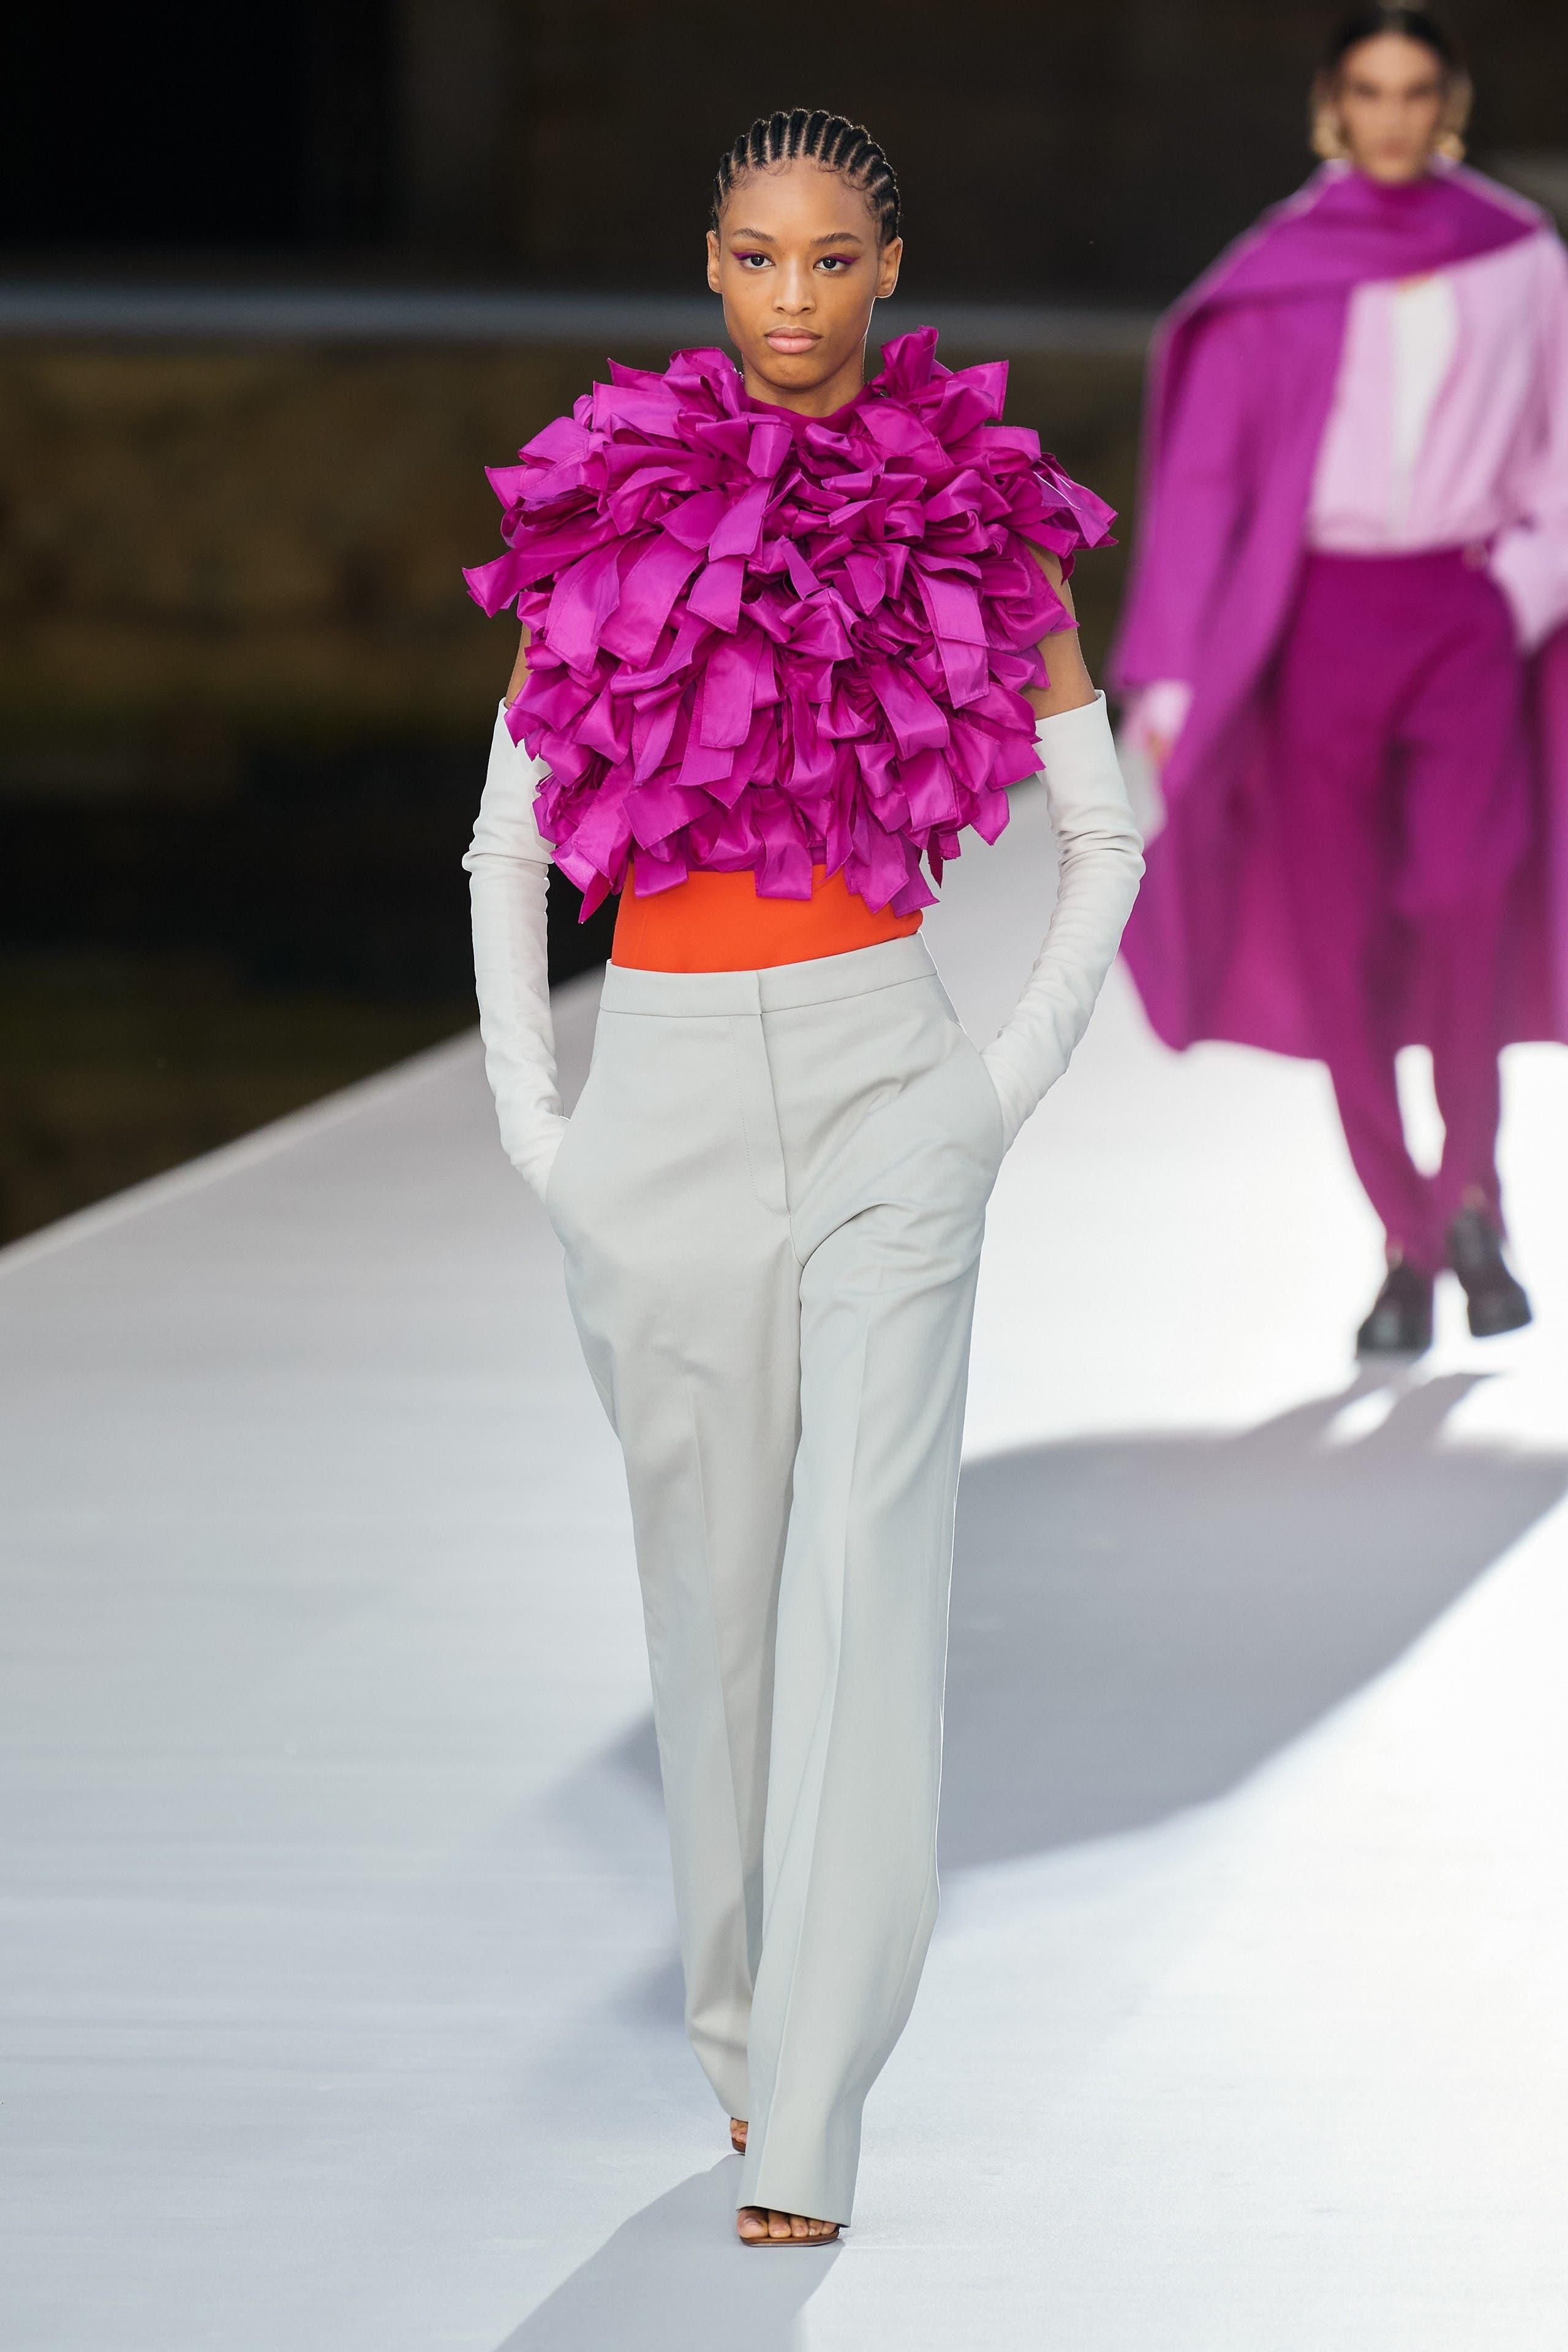 من مجموعة فالنتينو من الأزياء الراقية لخريف2021